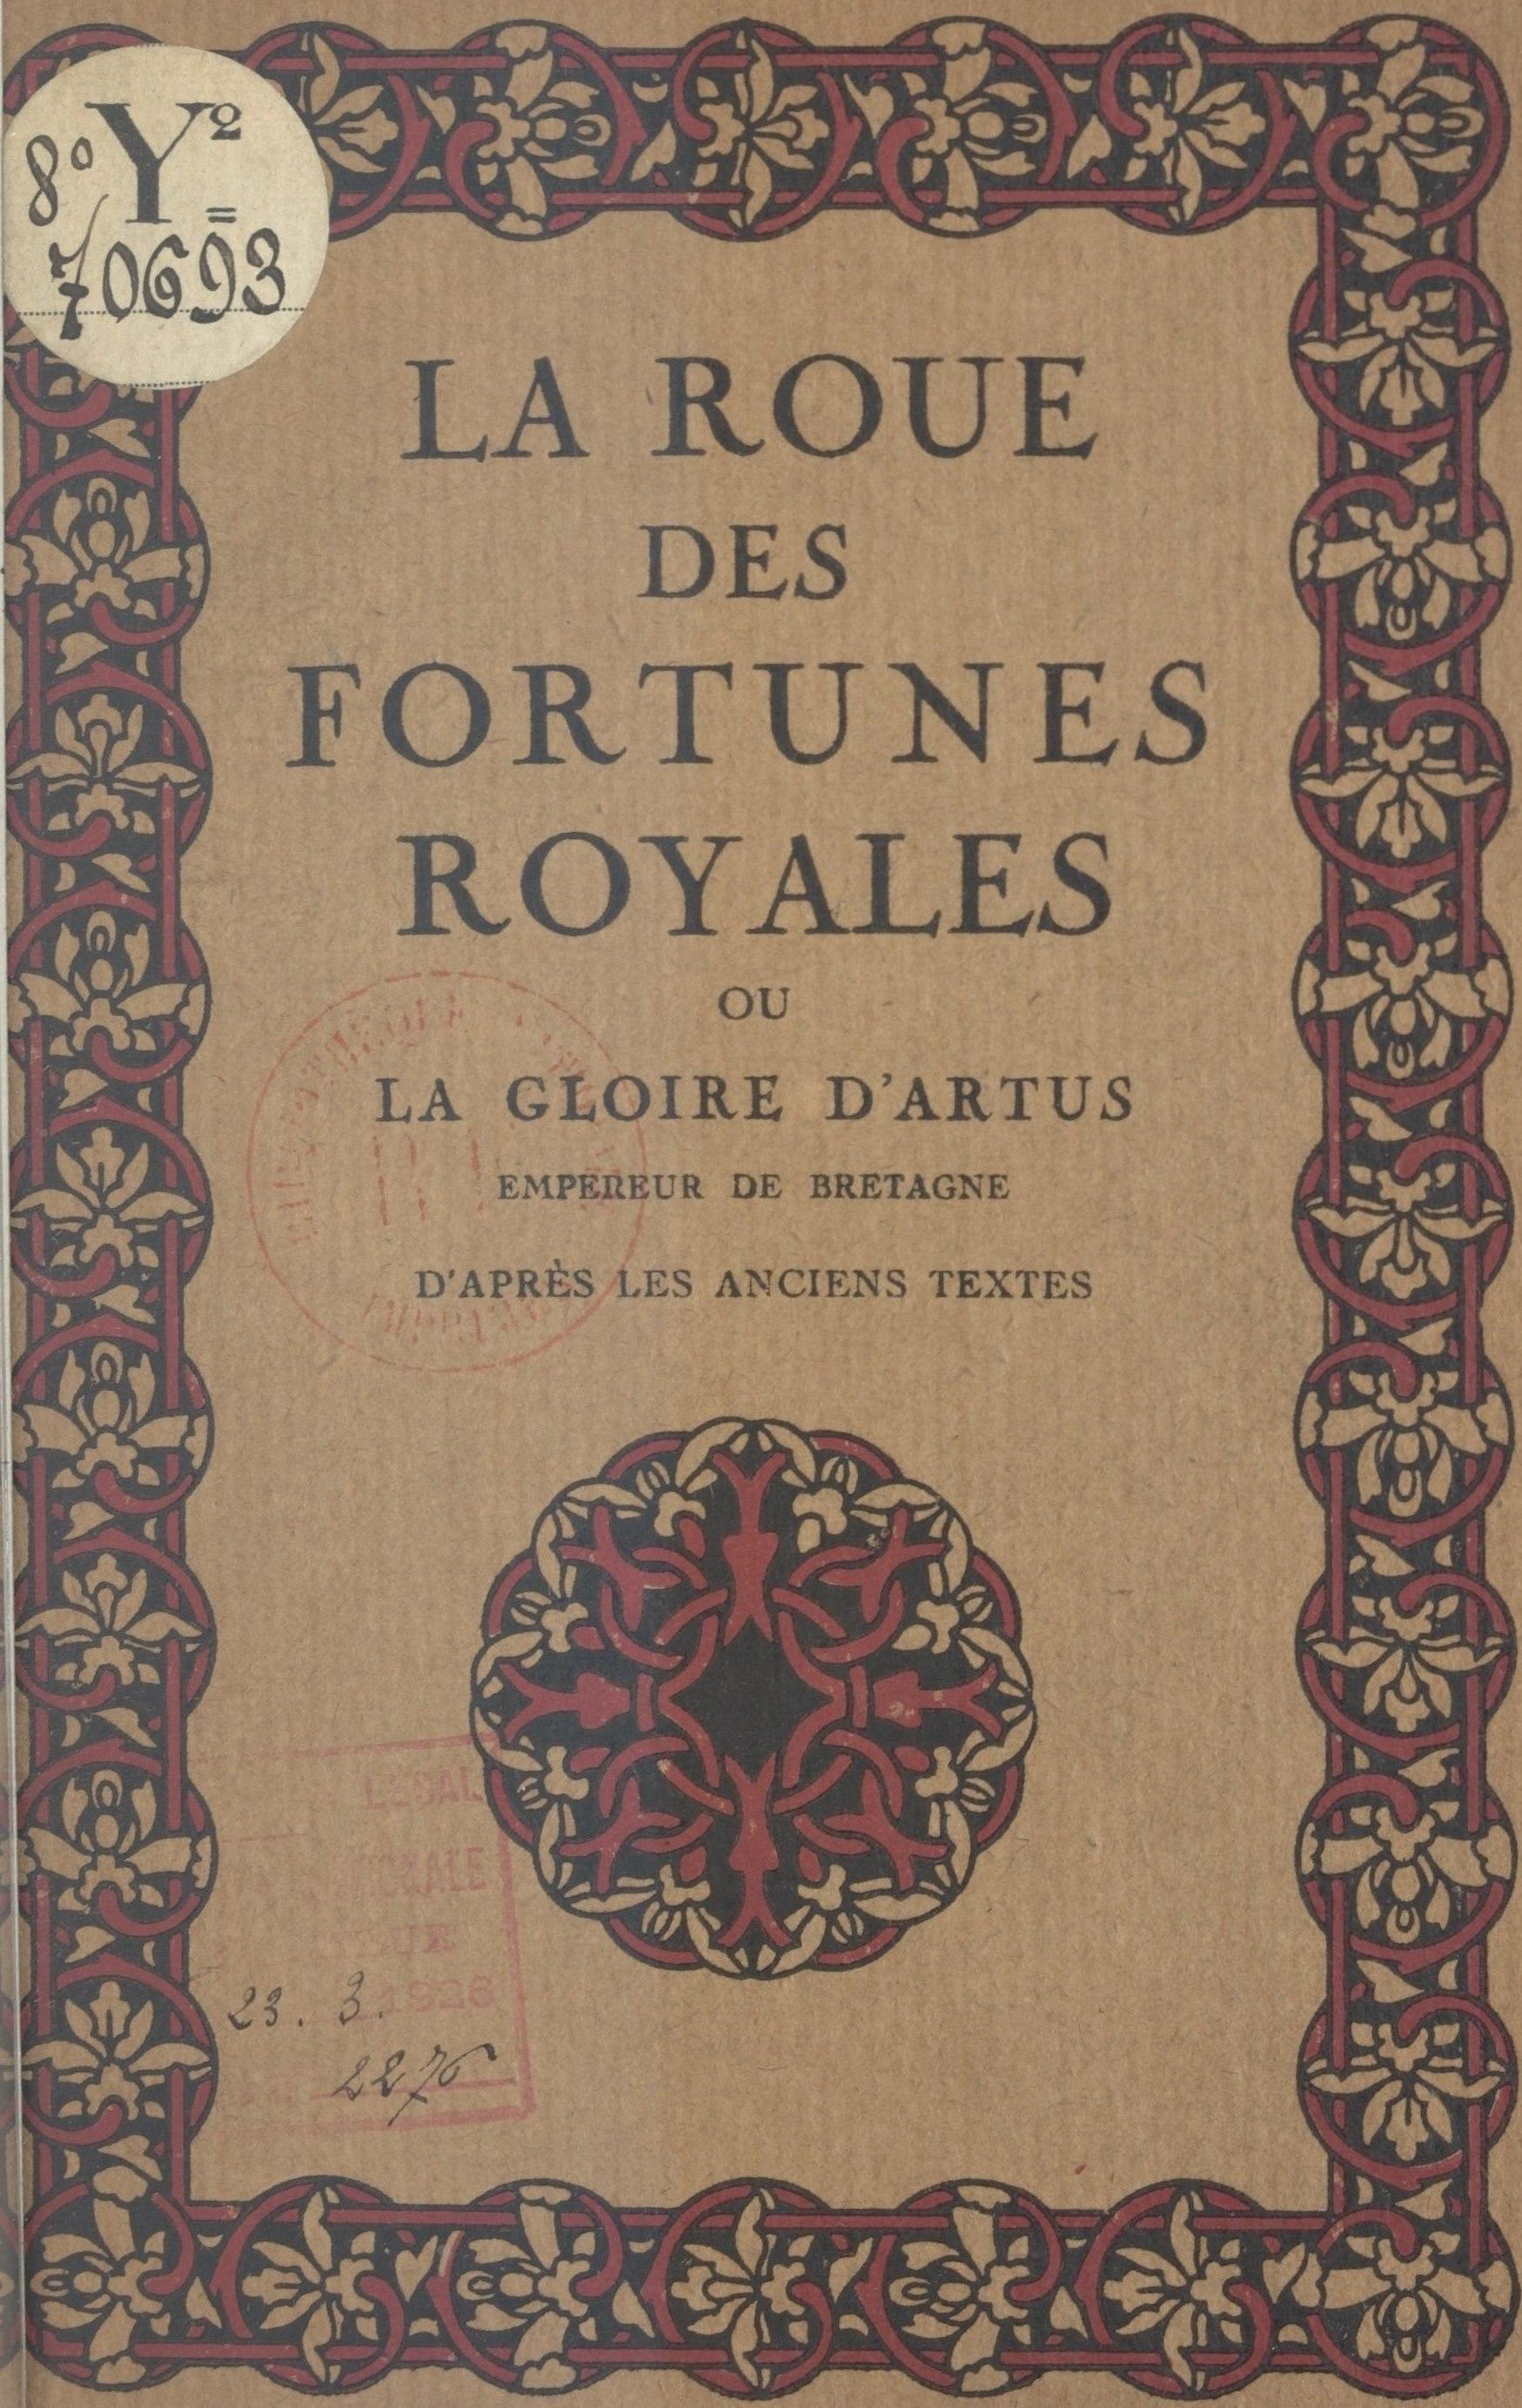 La roue des fortunes royales